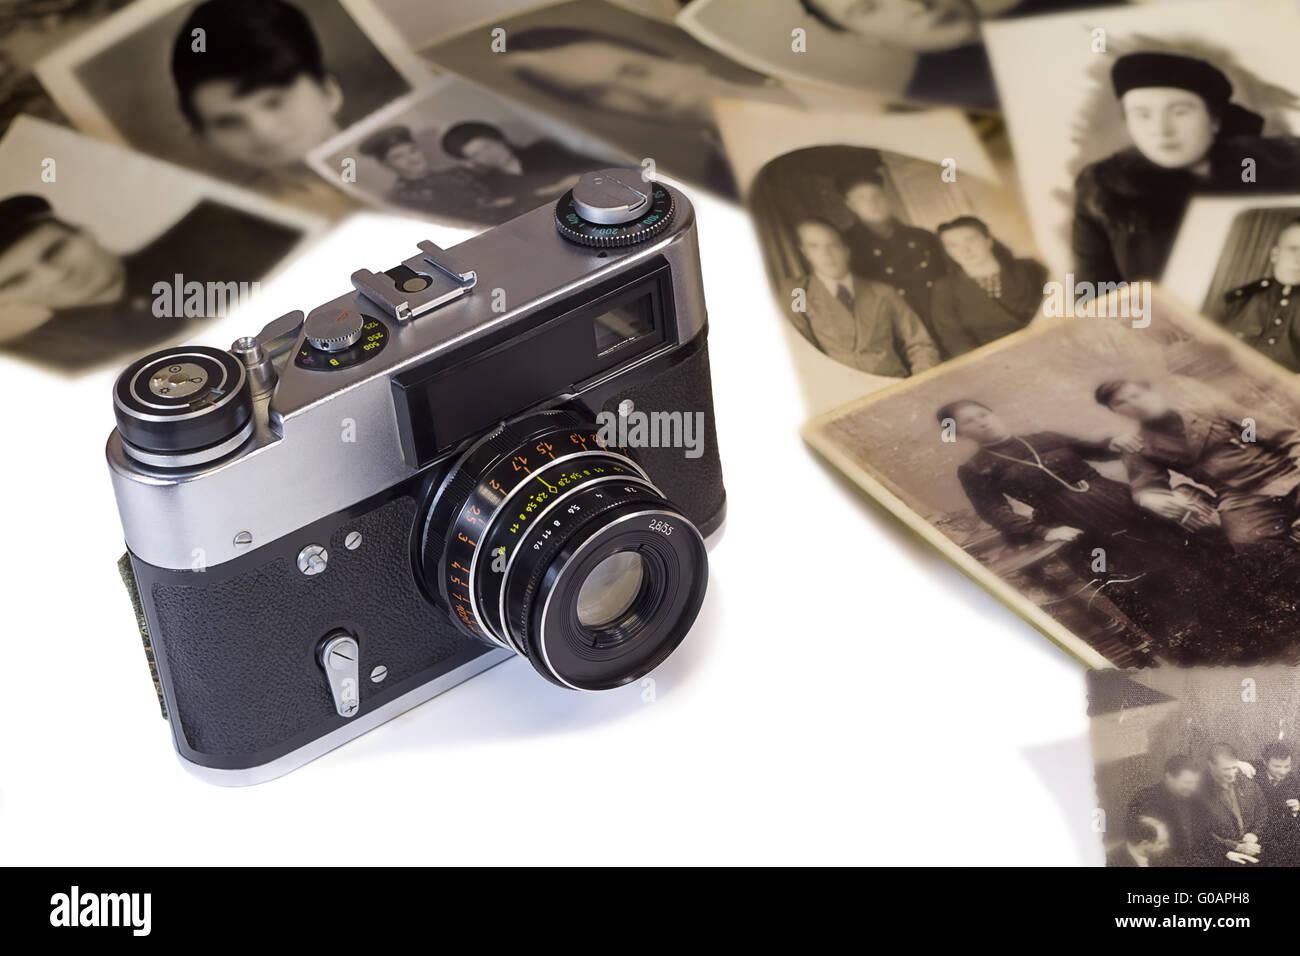 L'ancien appareil photo et photos anciennes sur fond blanc Photo Stock